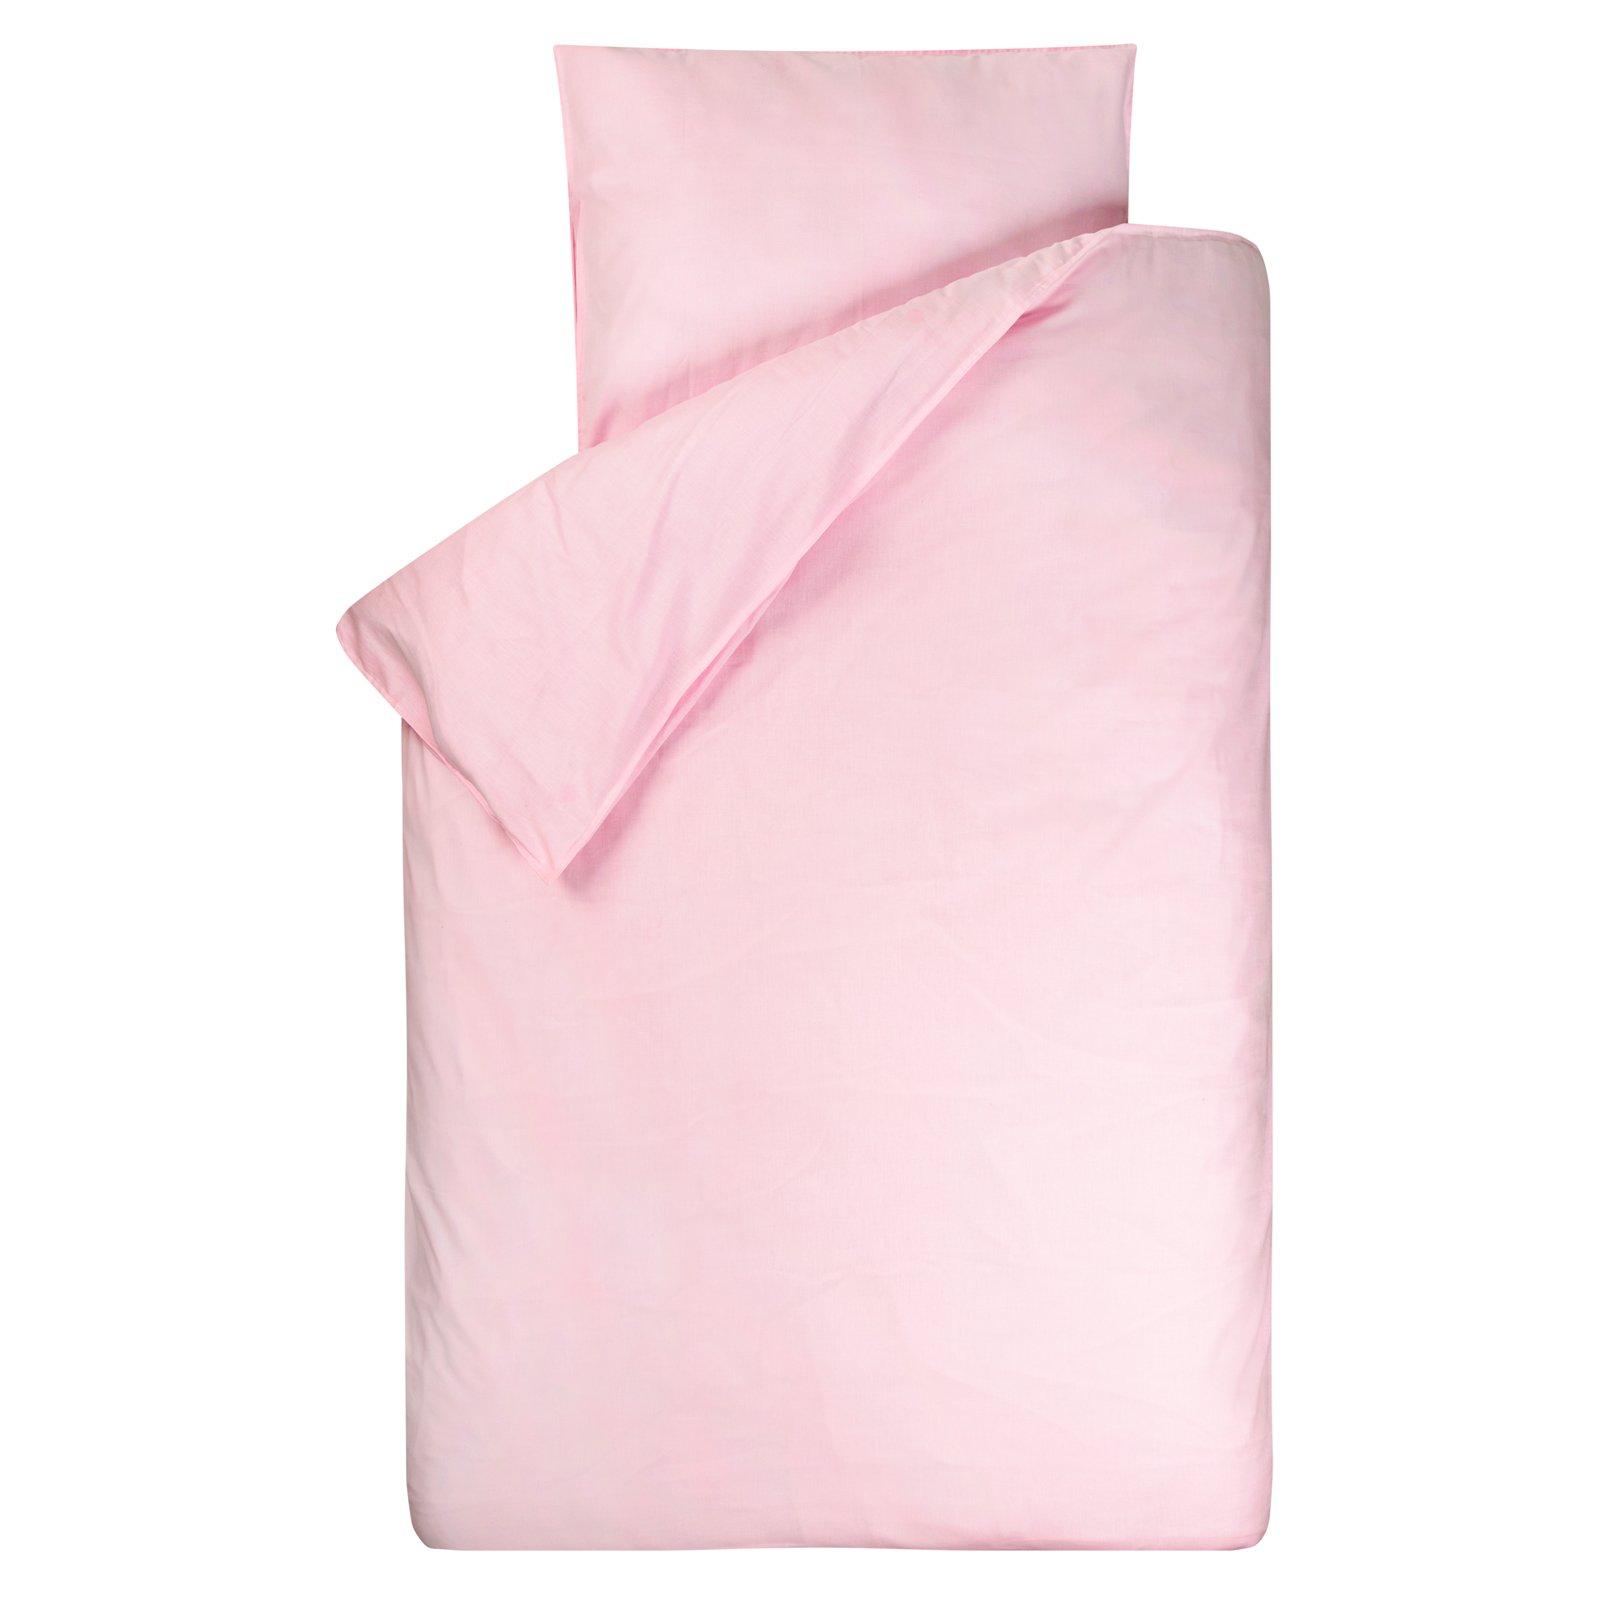 dekbedovertrek Bo roze  140×220